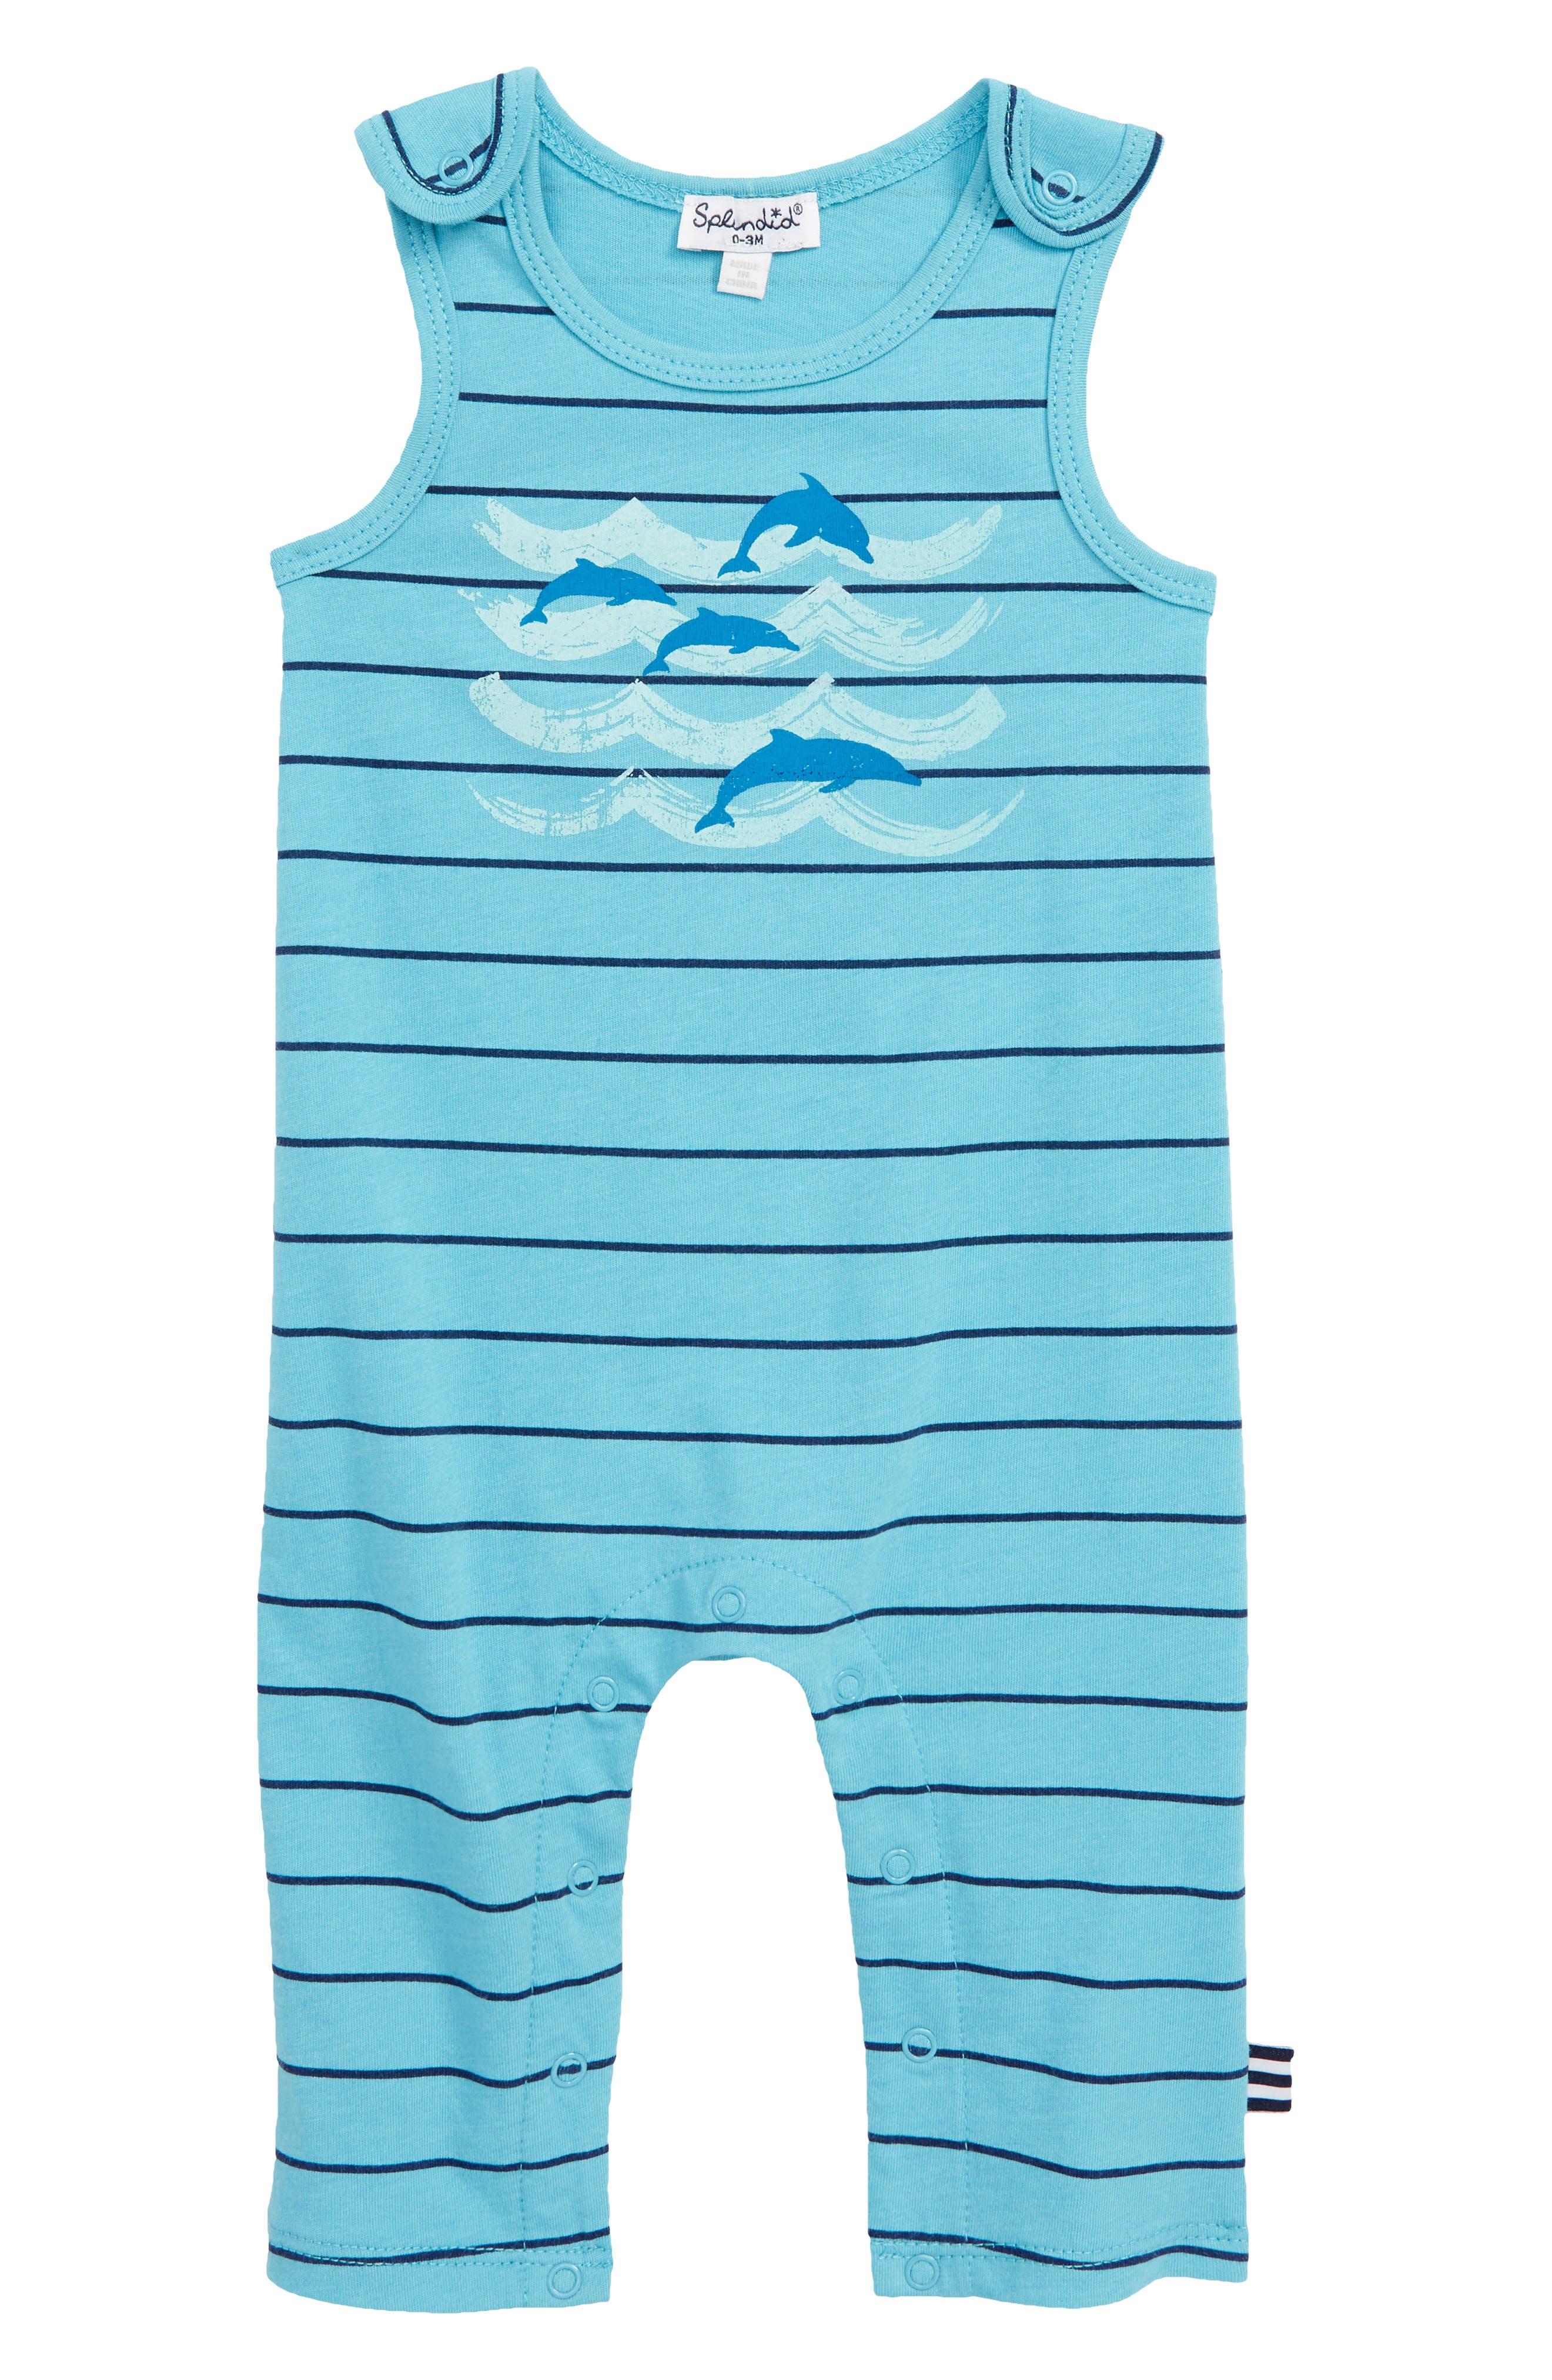 Dolphin Stripe Romper,                         Main,                         color, Maui Blue Stripe